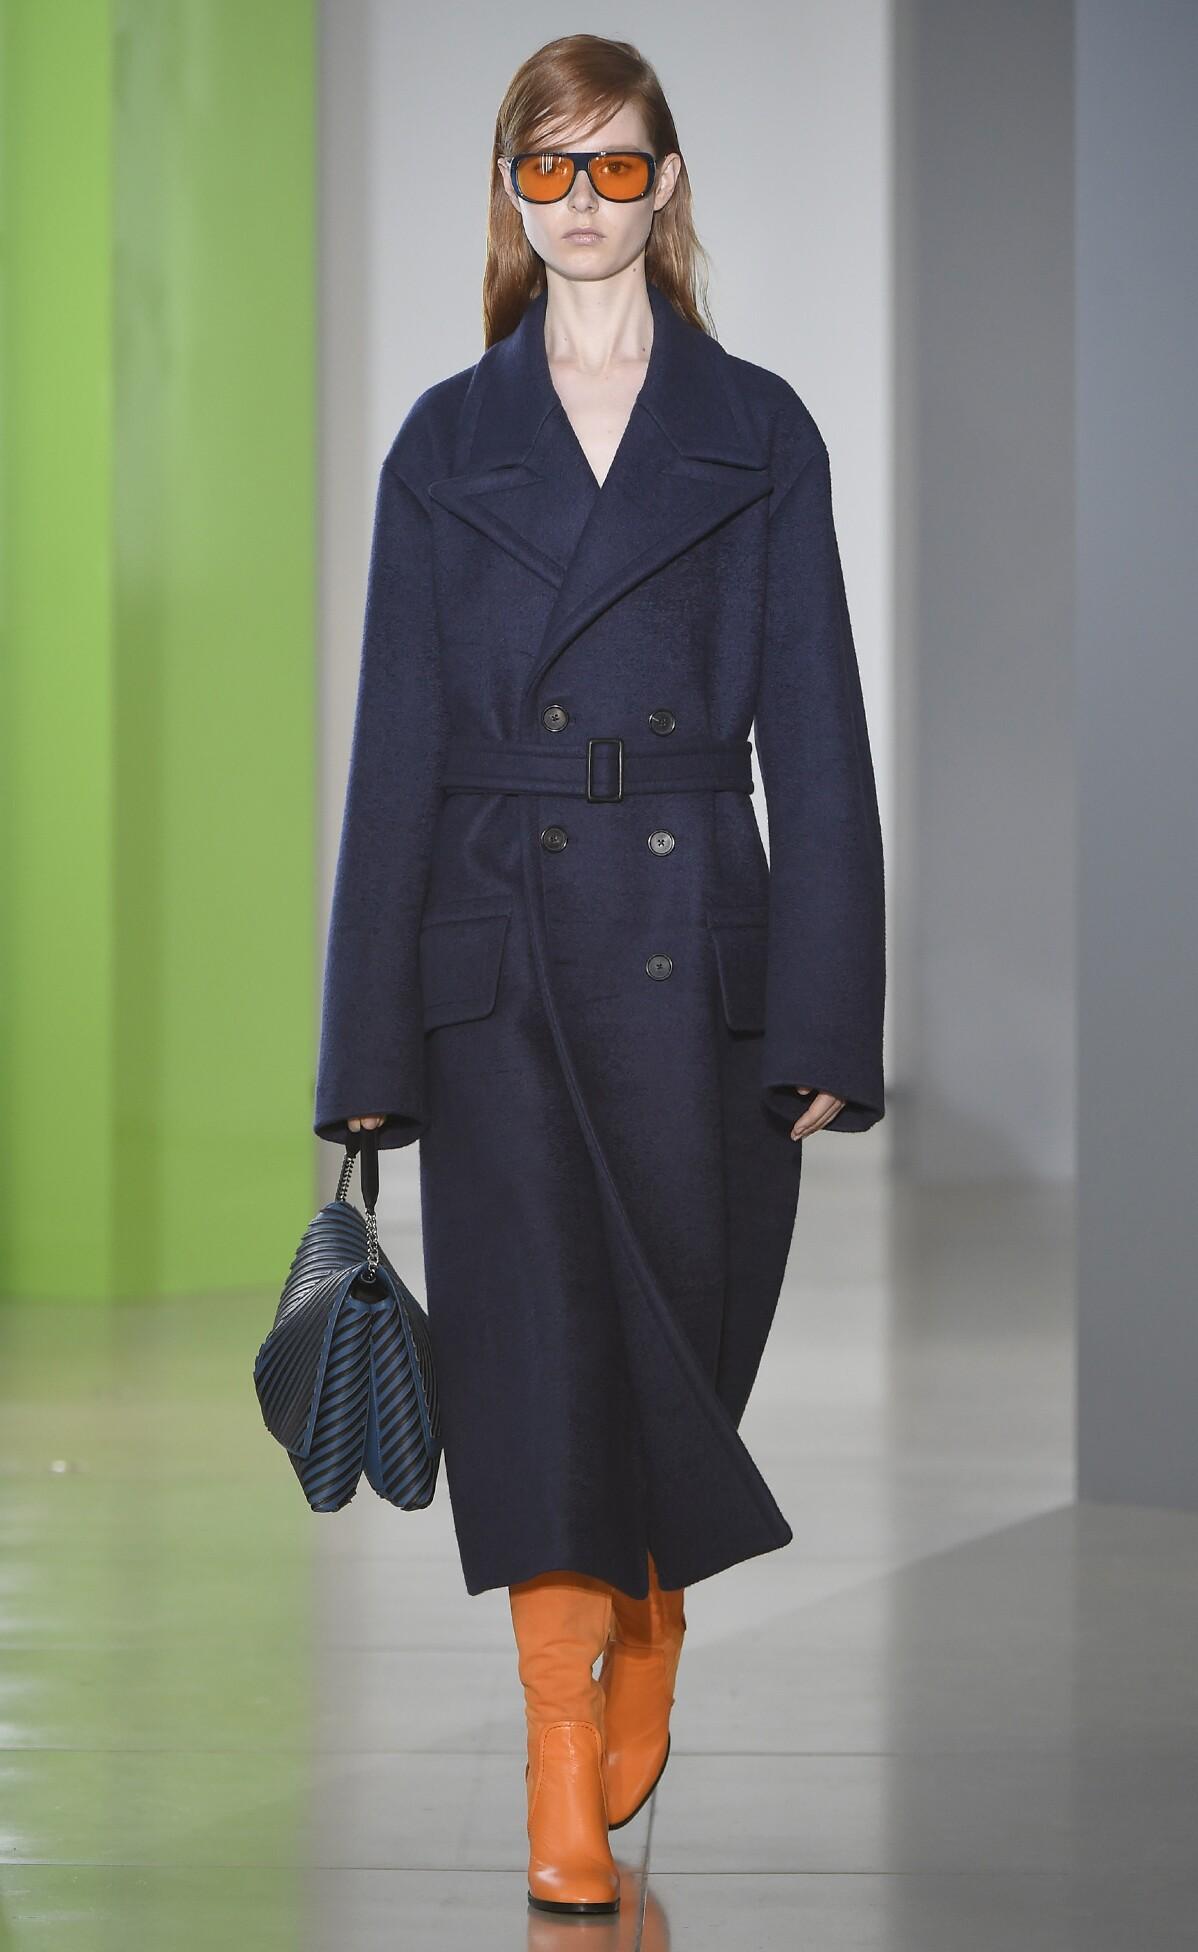 2015 Fashion Woman Model Jil Sander Collection Catwalk